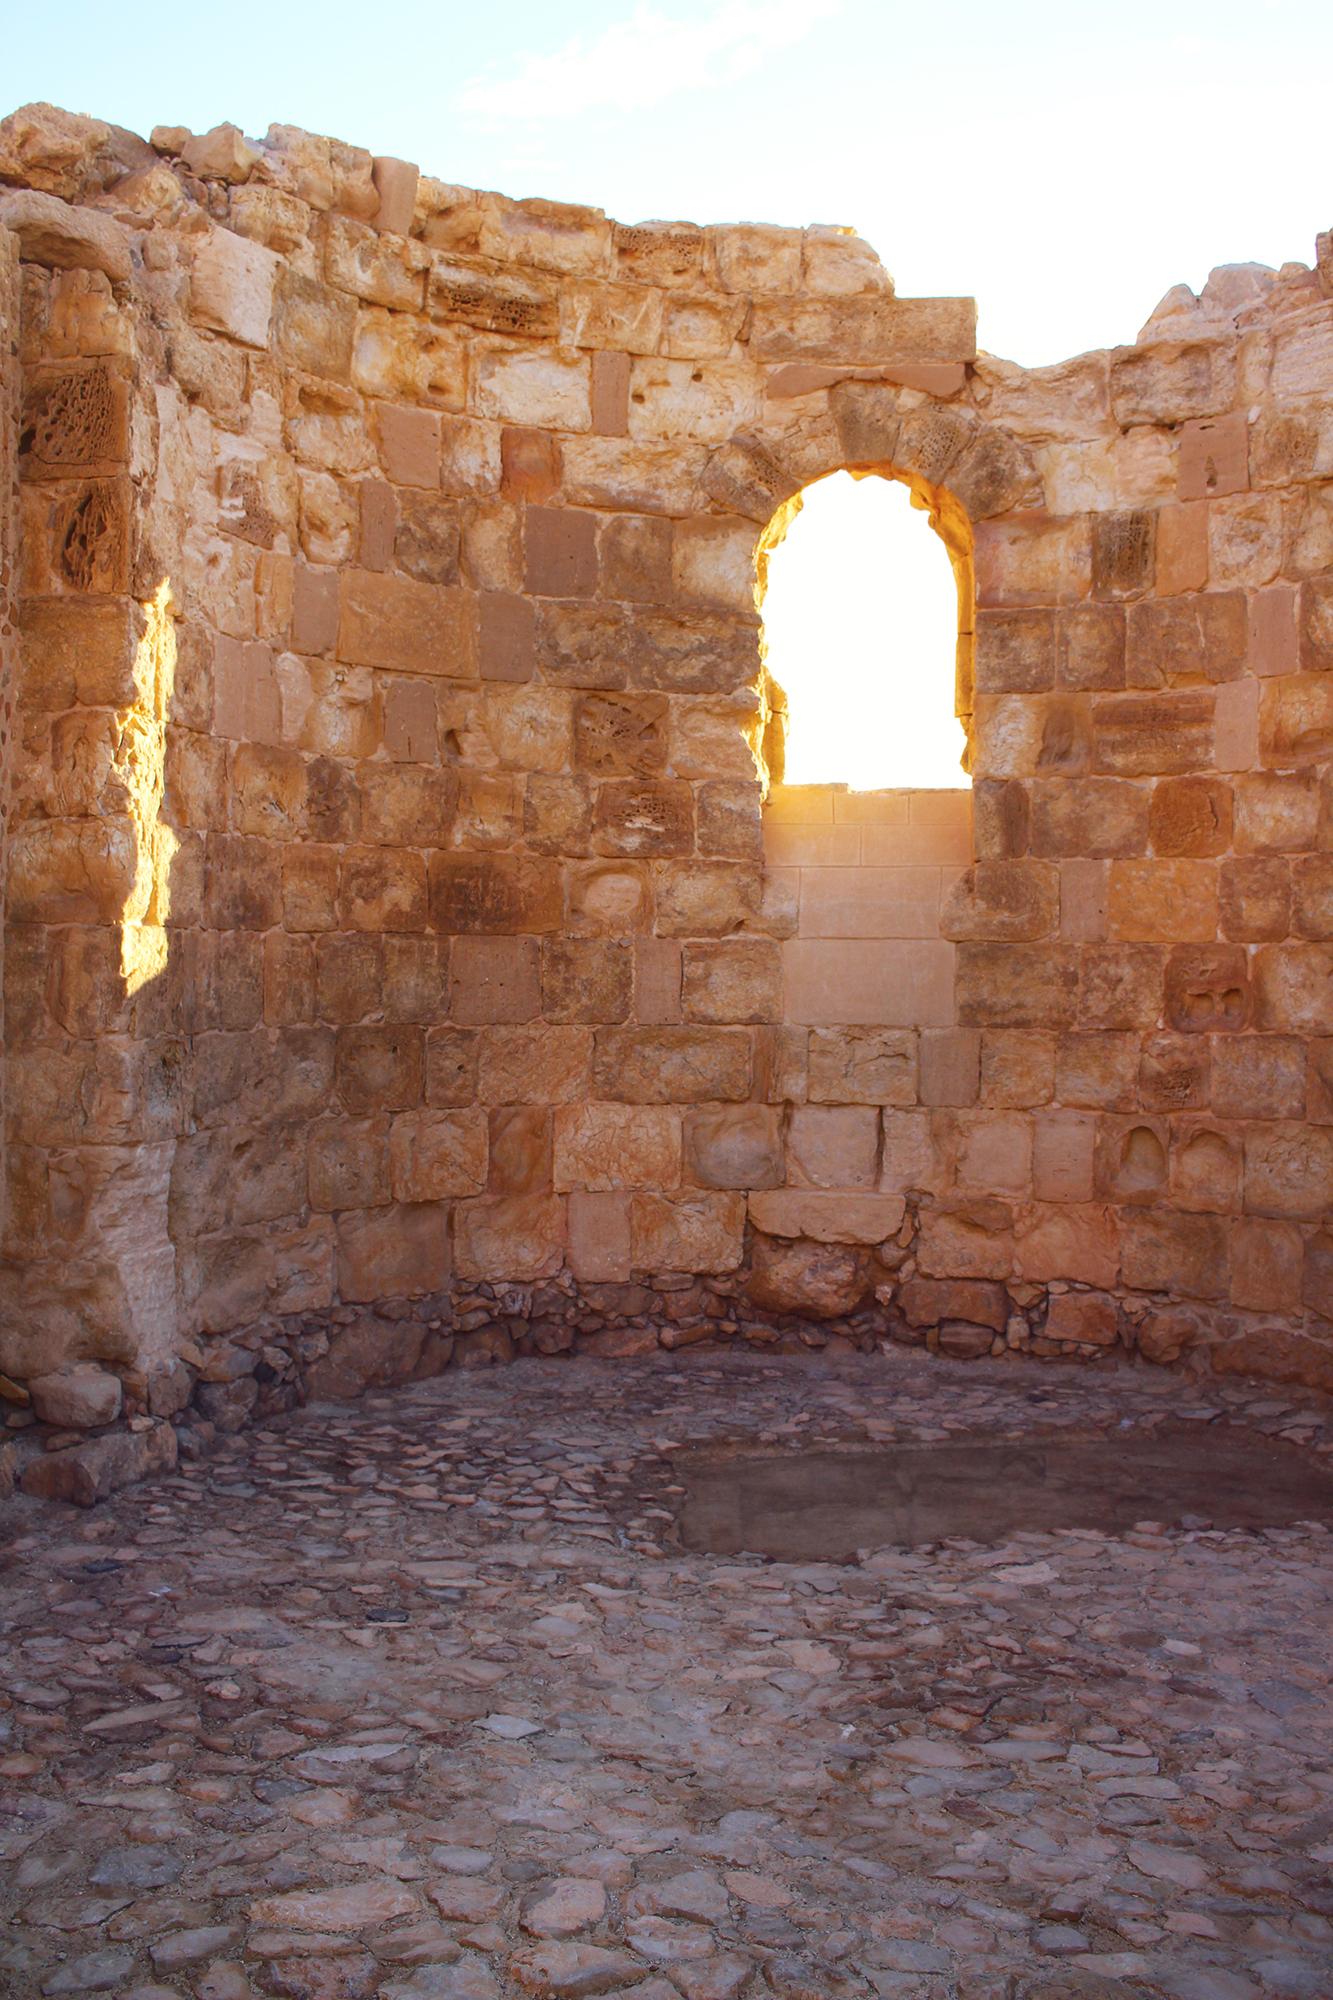 Sunrise hike up Masada in Israel. Travel photography by Geena Matuson @geenamatuson #thegirlmirage.